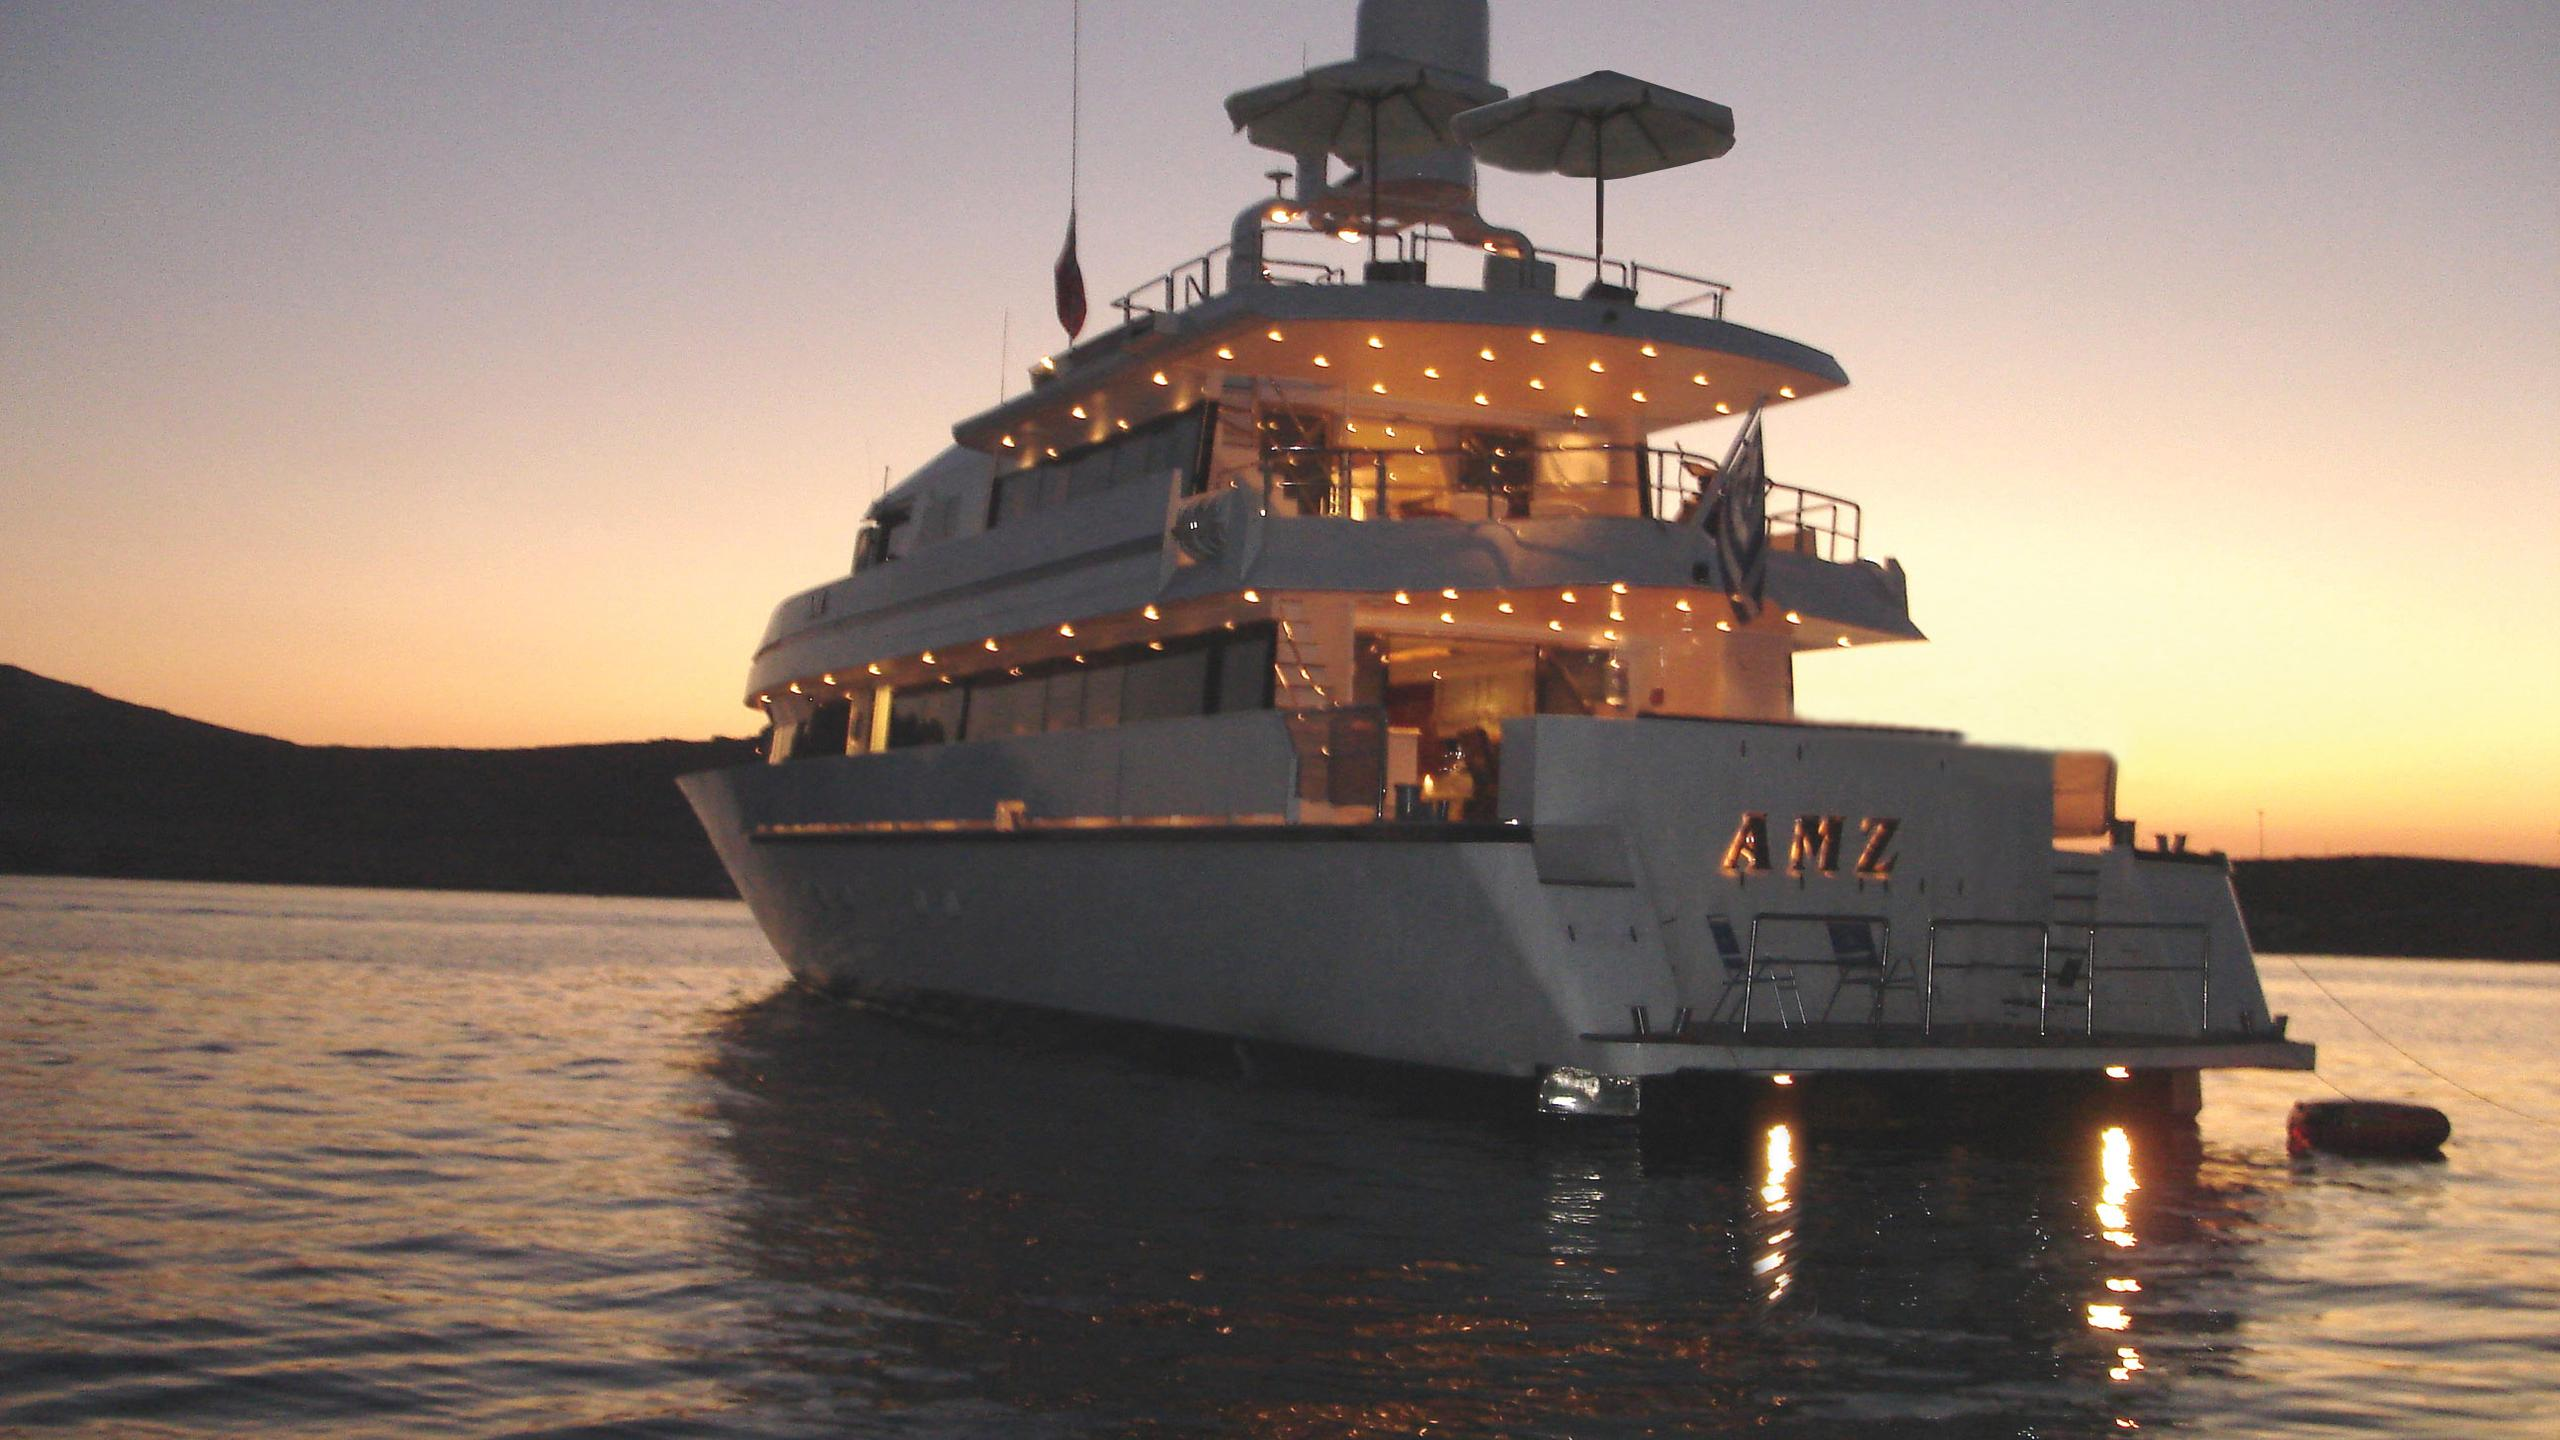 amz-yacht-at-anchor